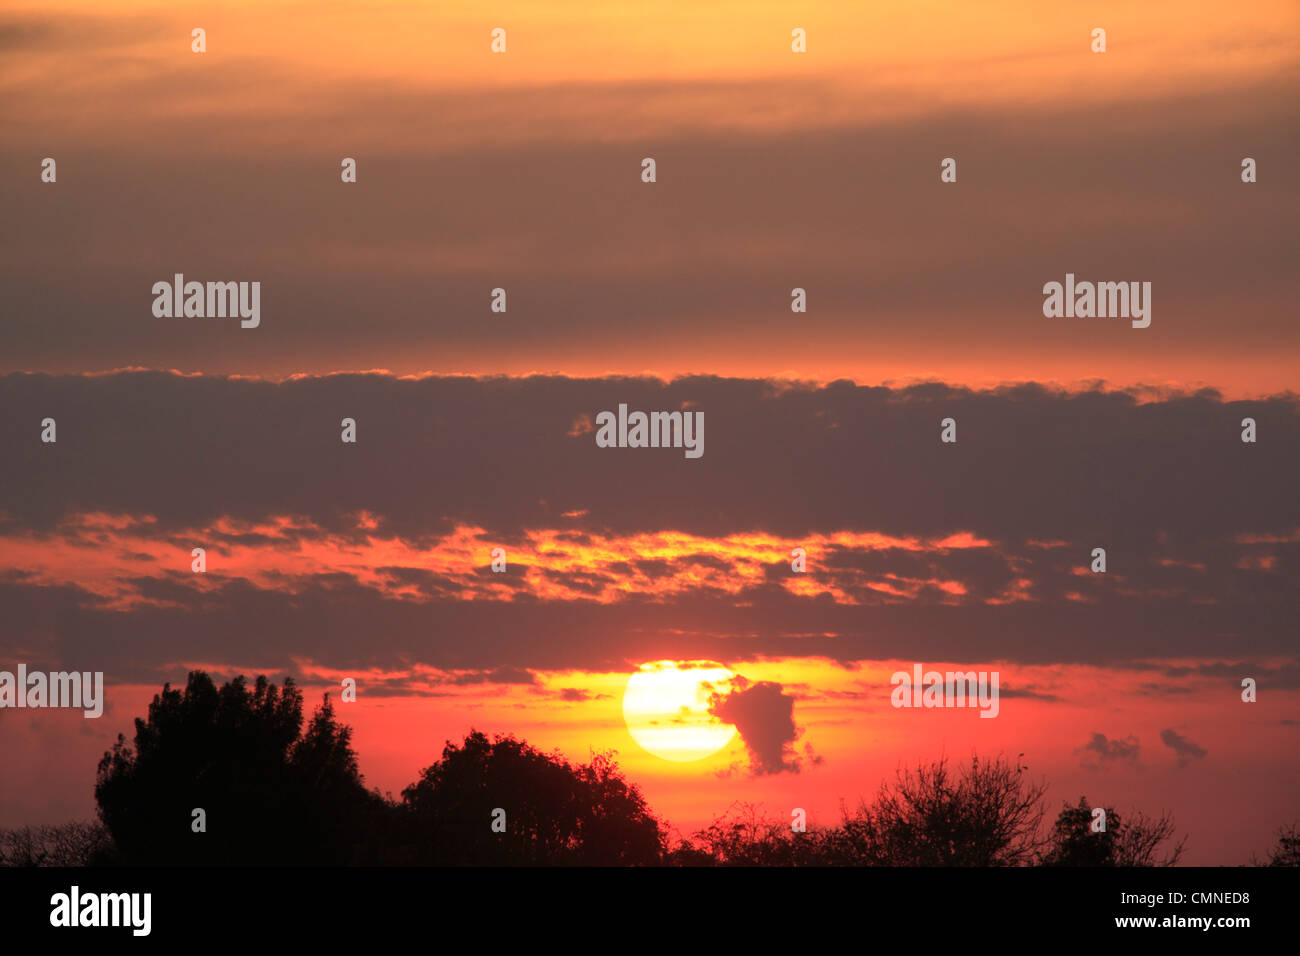 Coucher de soleil dans le paysage horizon Photo Stock